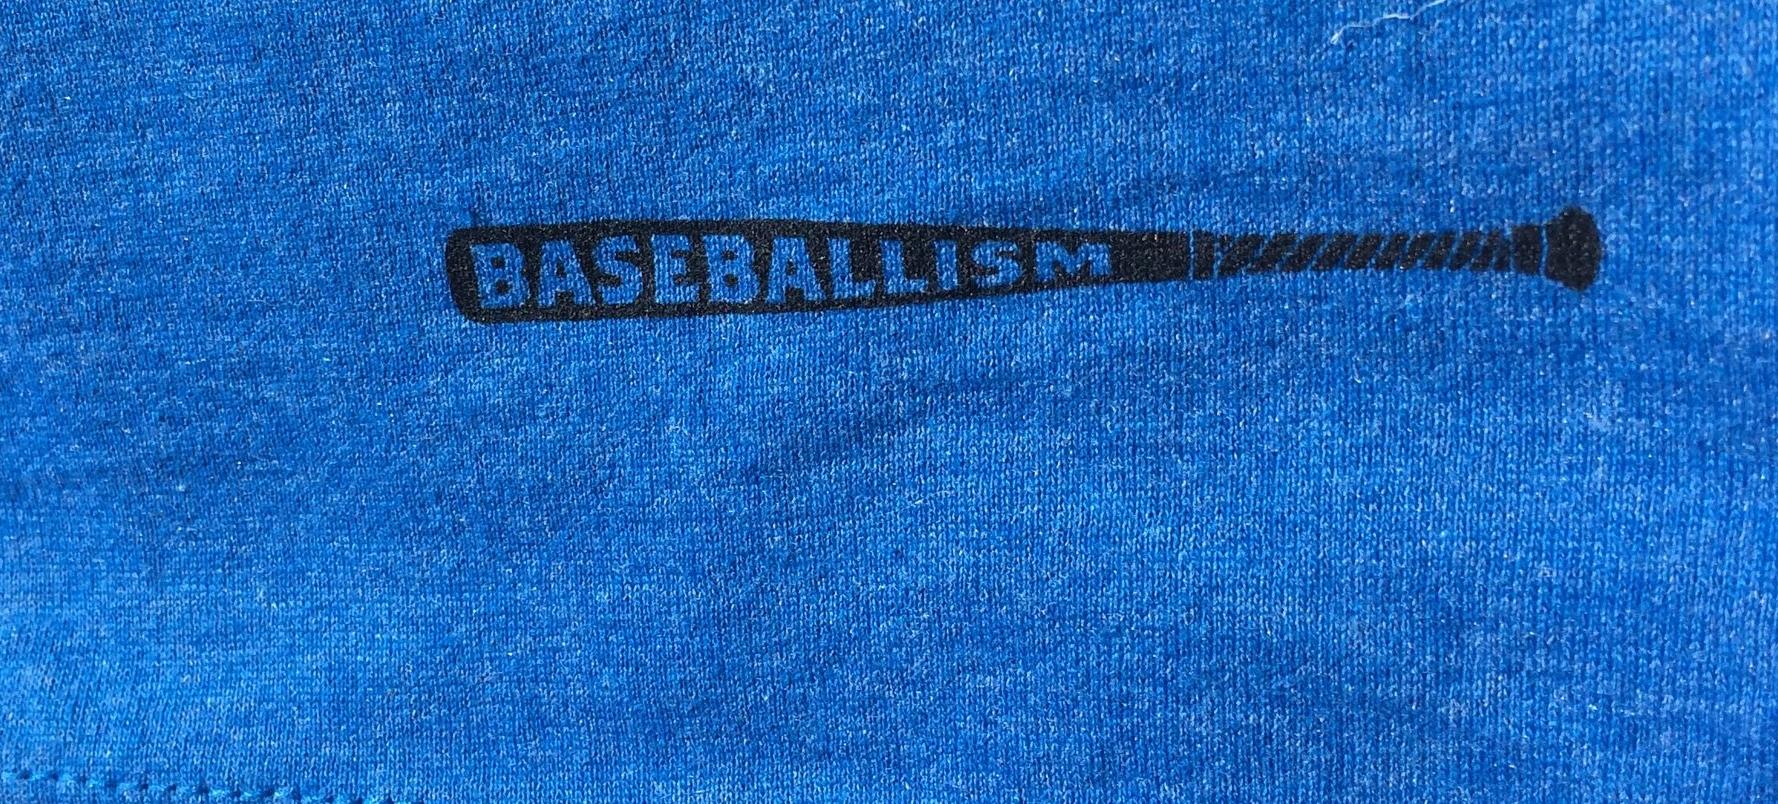 Baseballism Review - whatthegirlssay.com